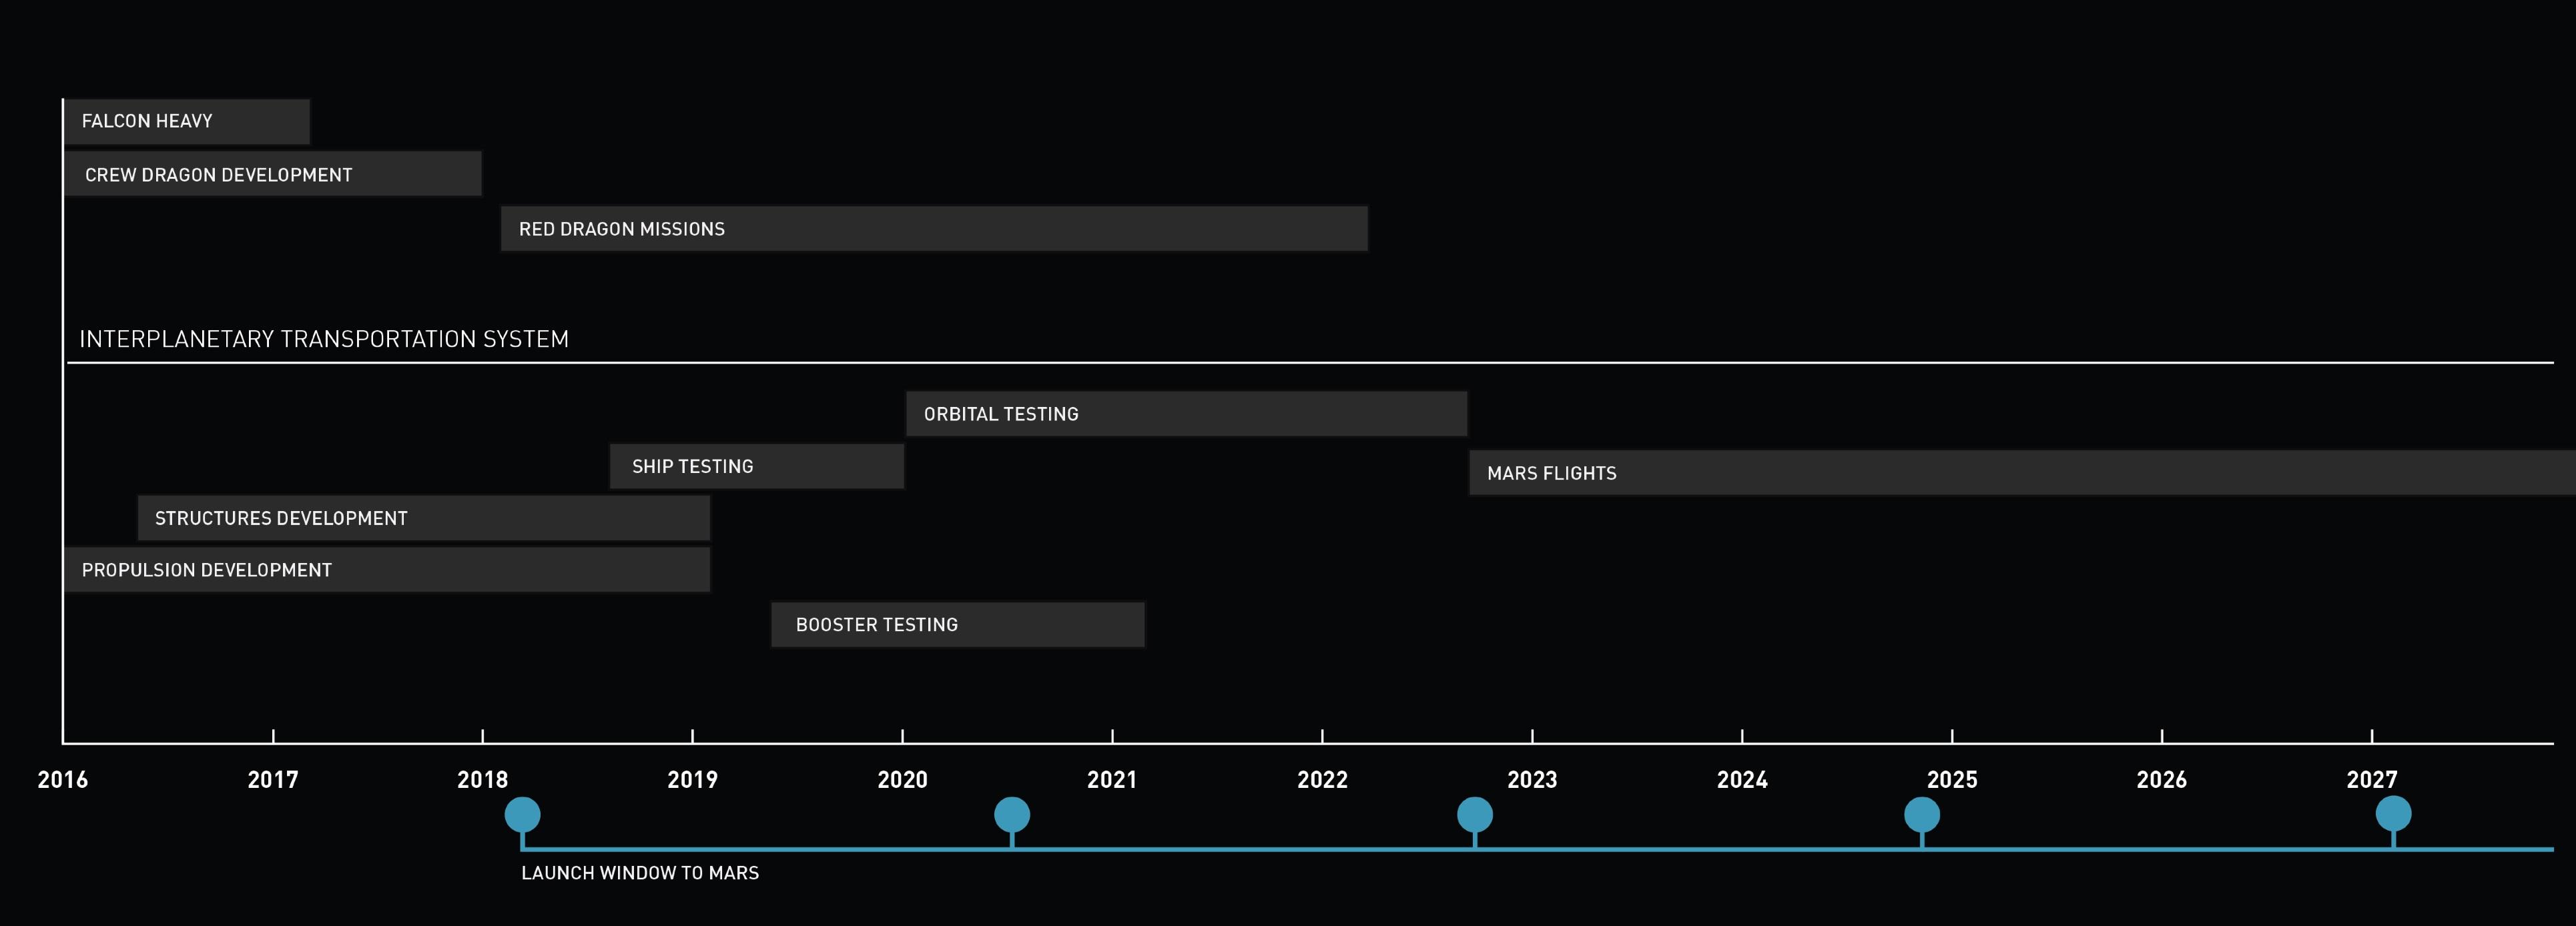 SpaceX-ITS-Timeline.jpg